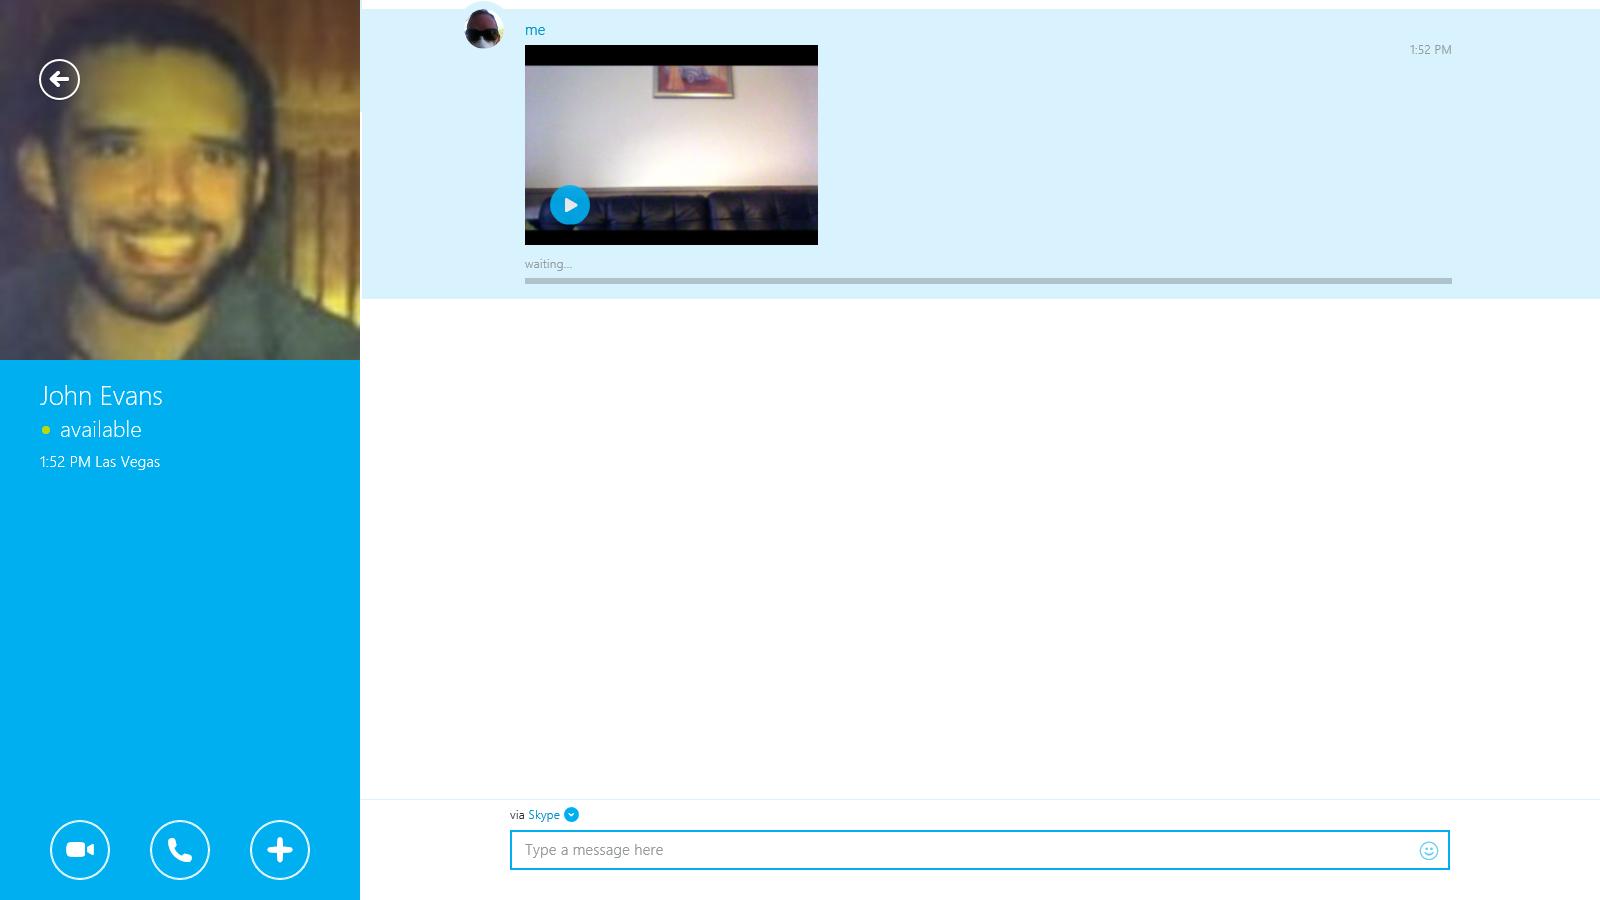 Videomessaggio visualizzato nella finestra di conversazione.